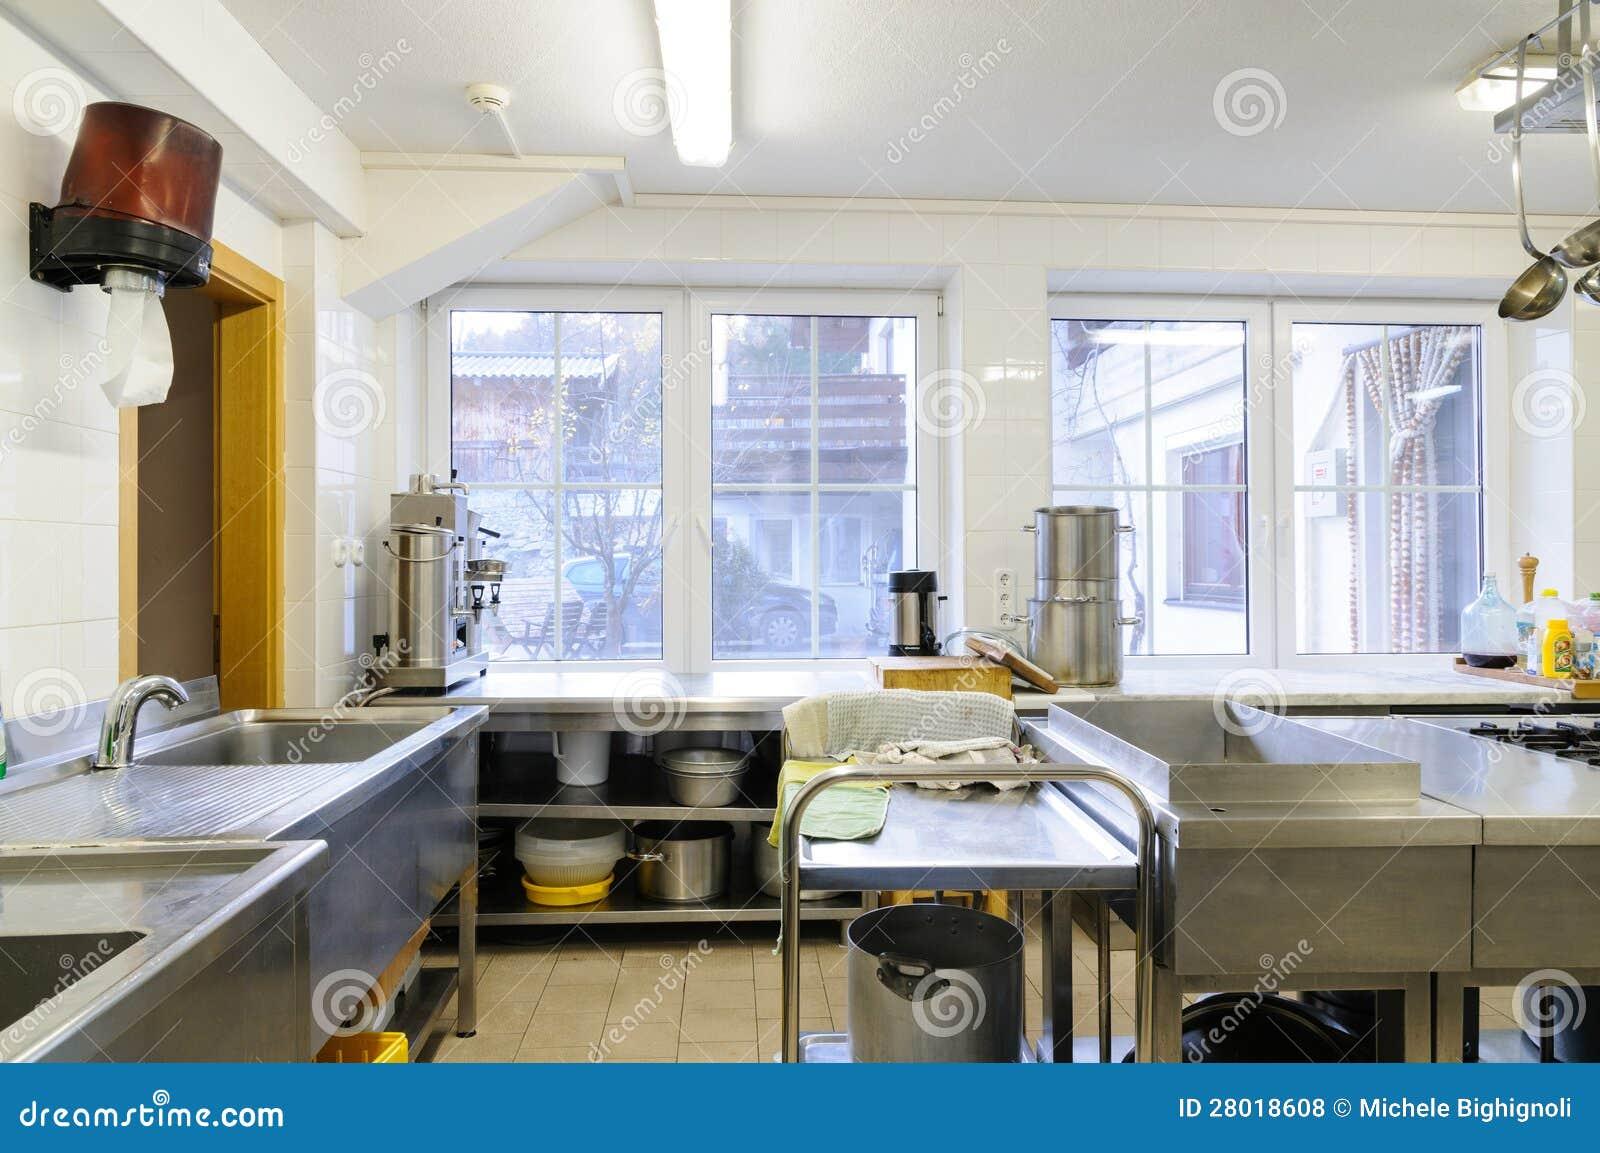 Cozinha Em Um Hotel Ou Em Um Restaurante Fotos de Stock Royalty Free  #604B30 1300 953